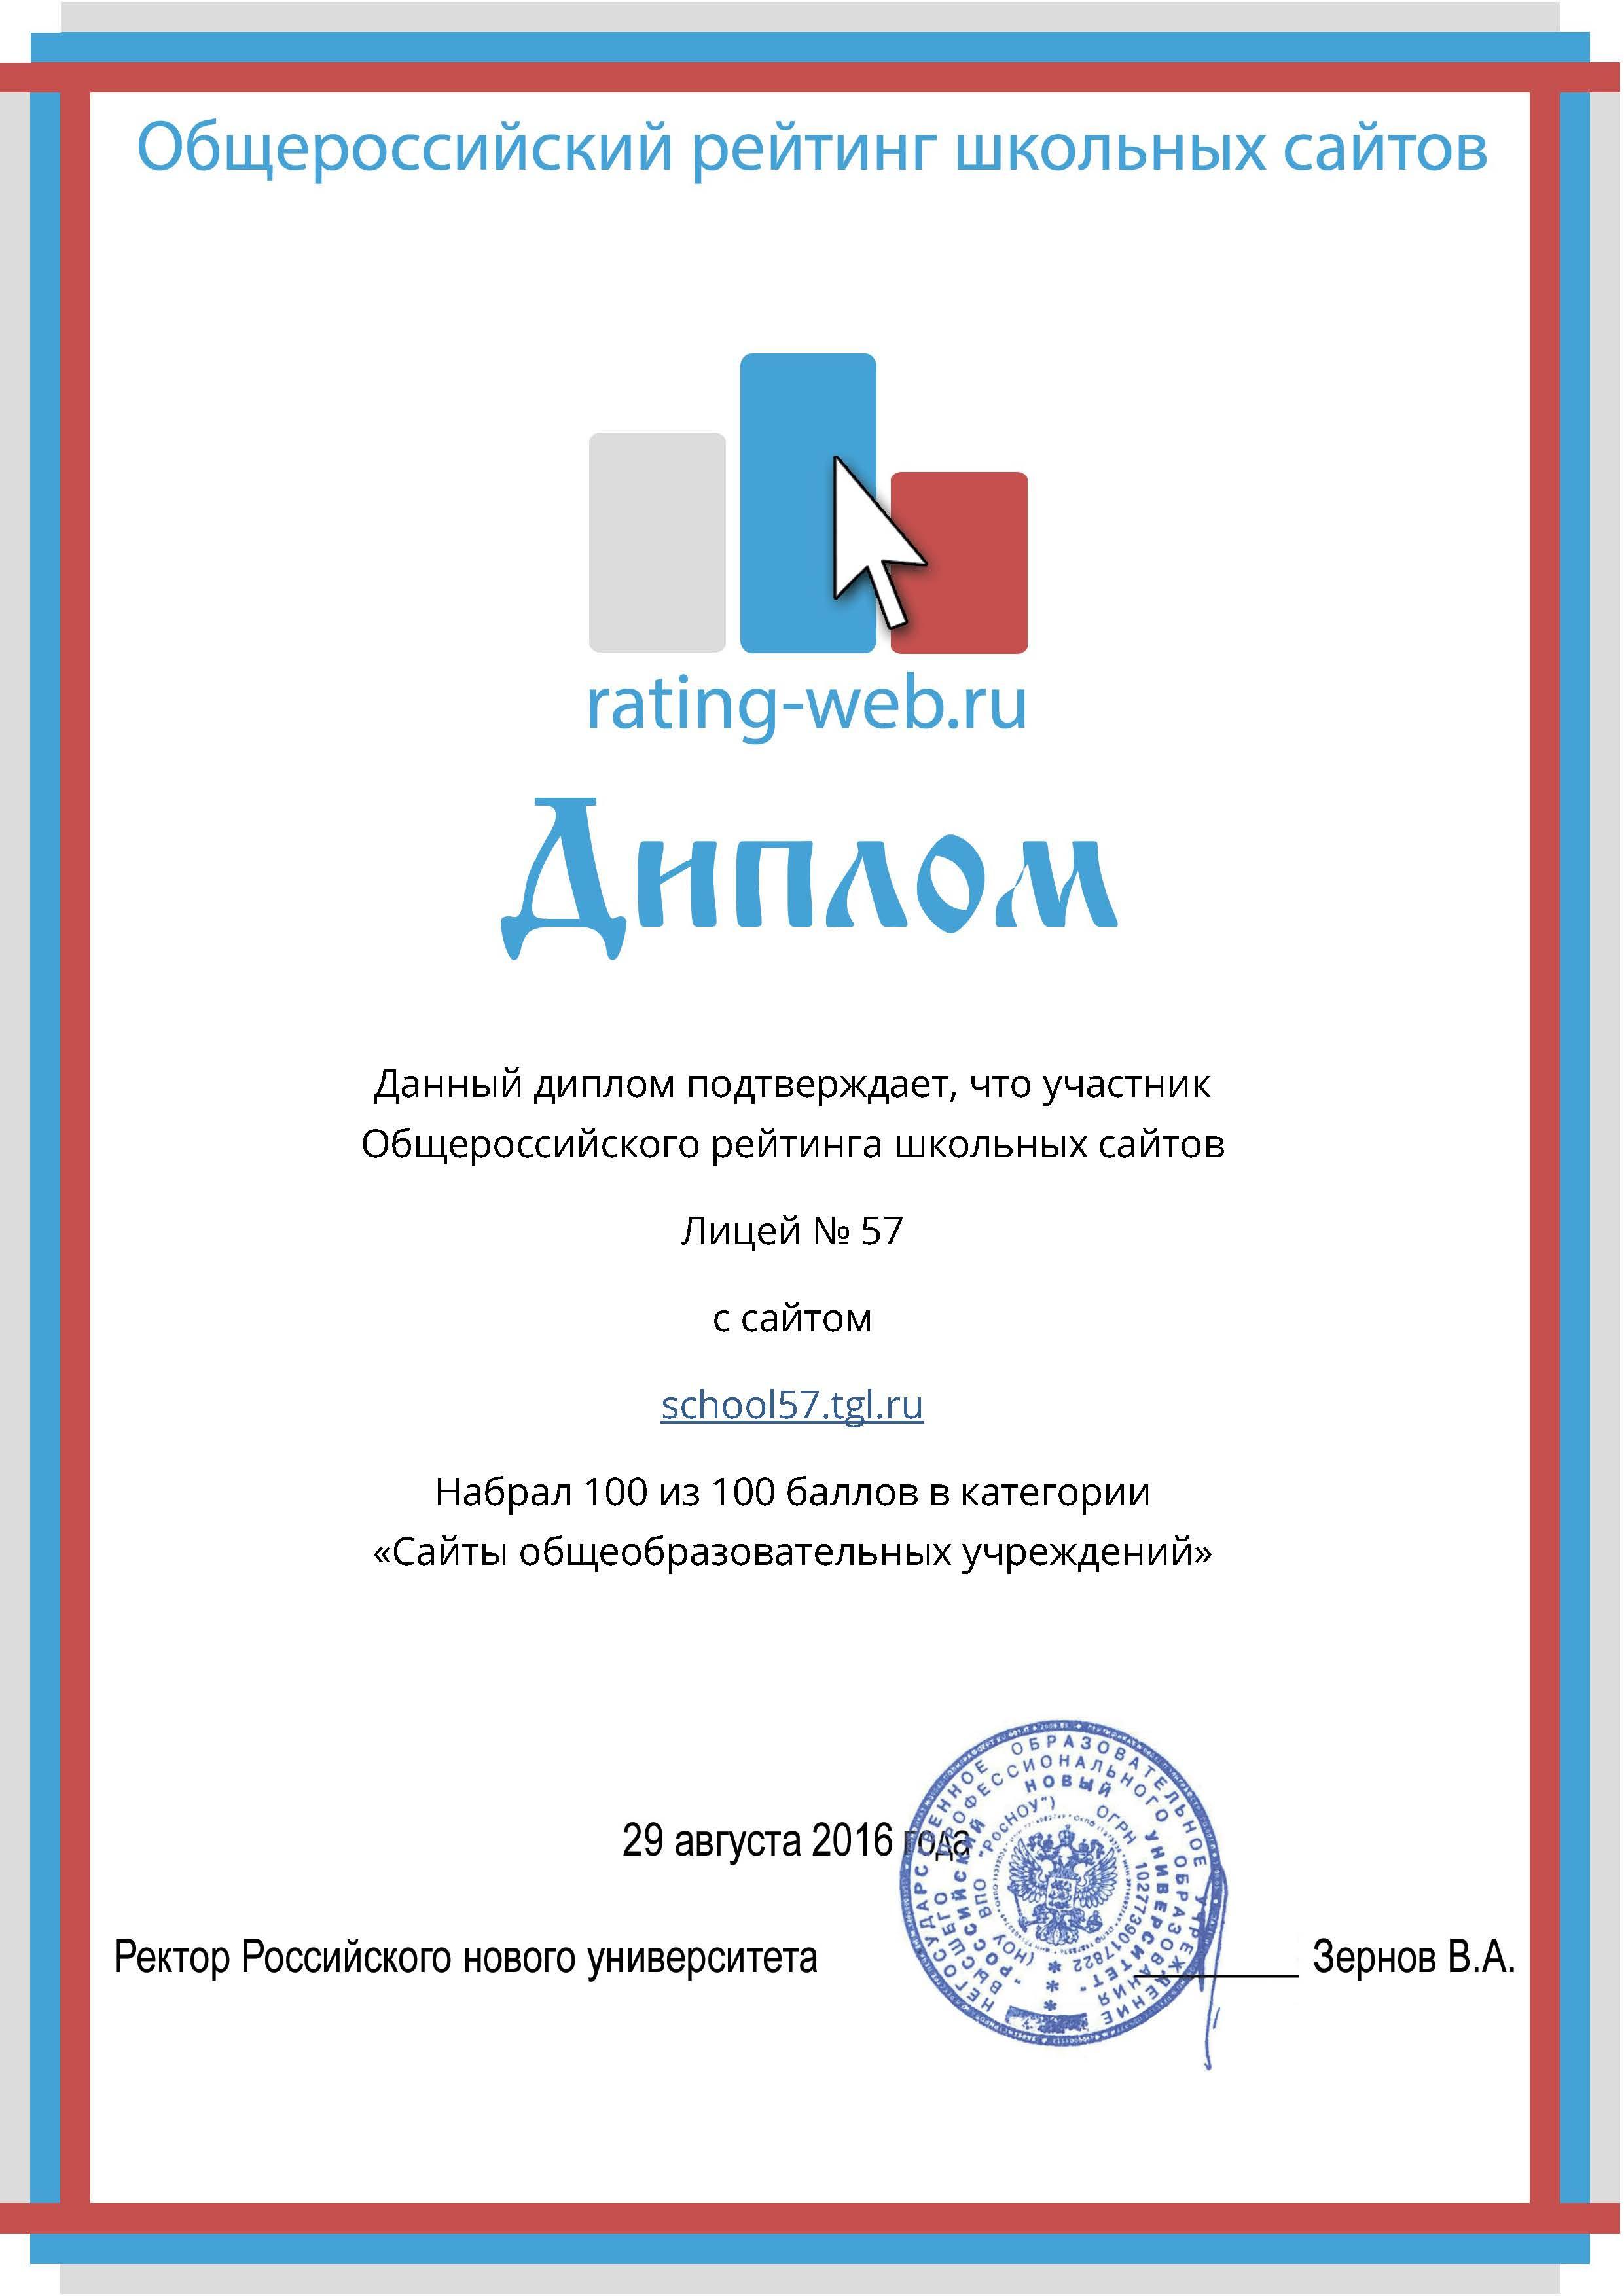 Официальный сайт МБУ Лицей № г о Тольятти АСУ РСО Диплом Конкурс сайтов 2016